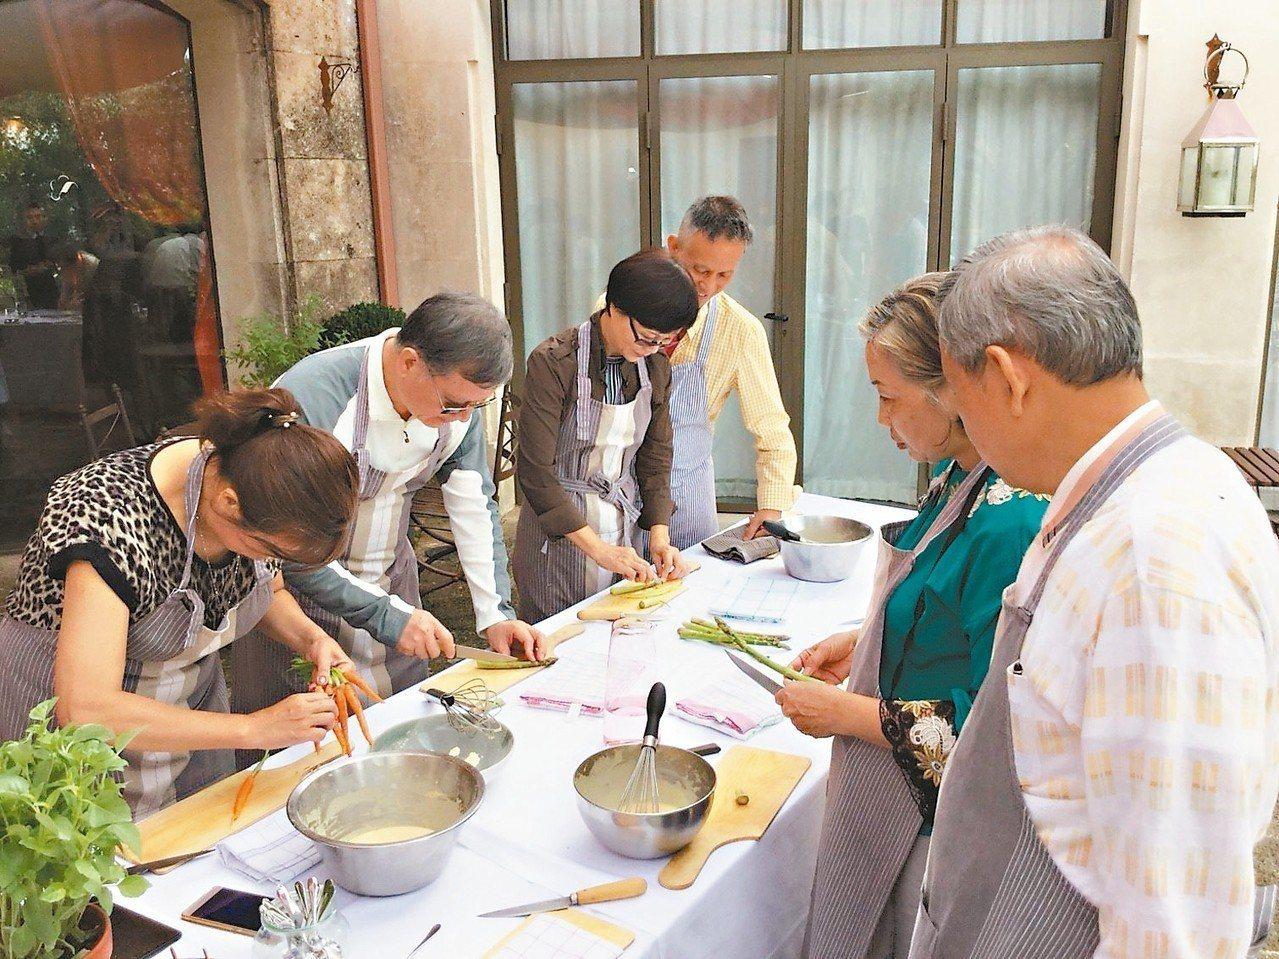 米其林級主廚親授無麩質料理。 圖/有行旅提供